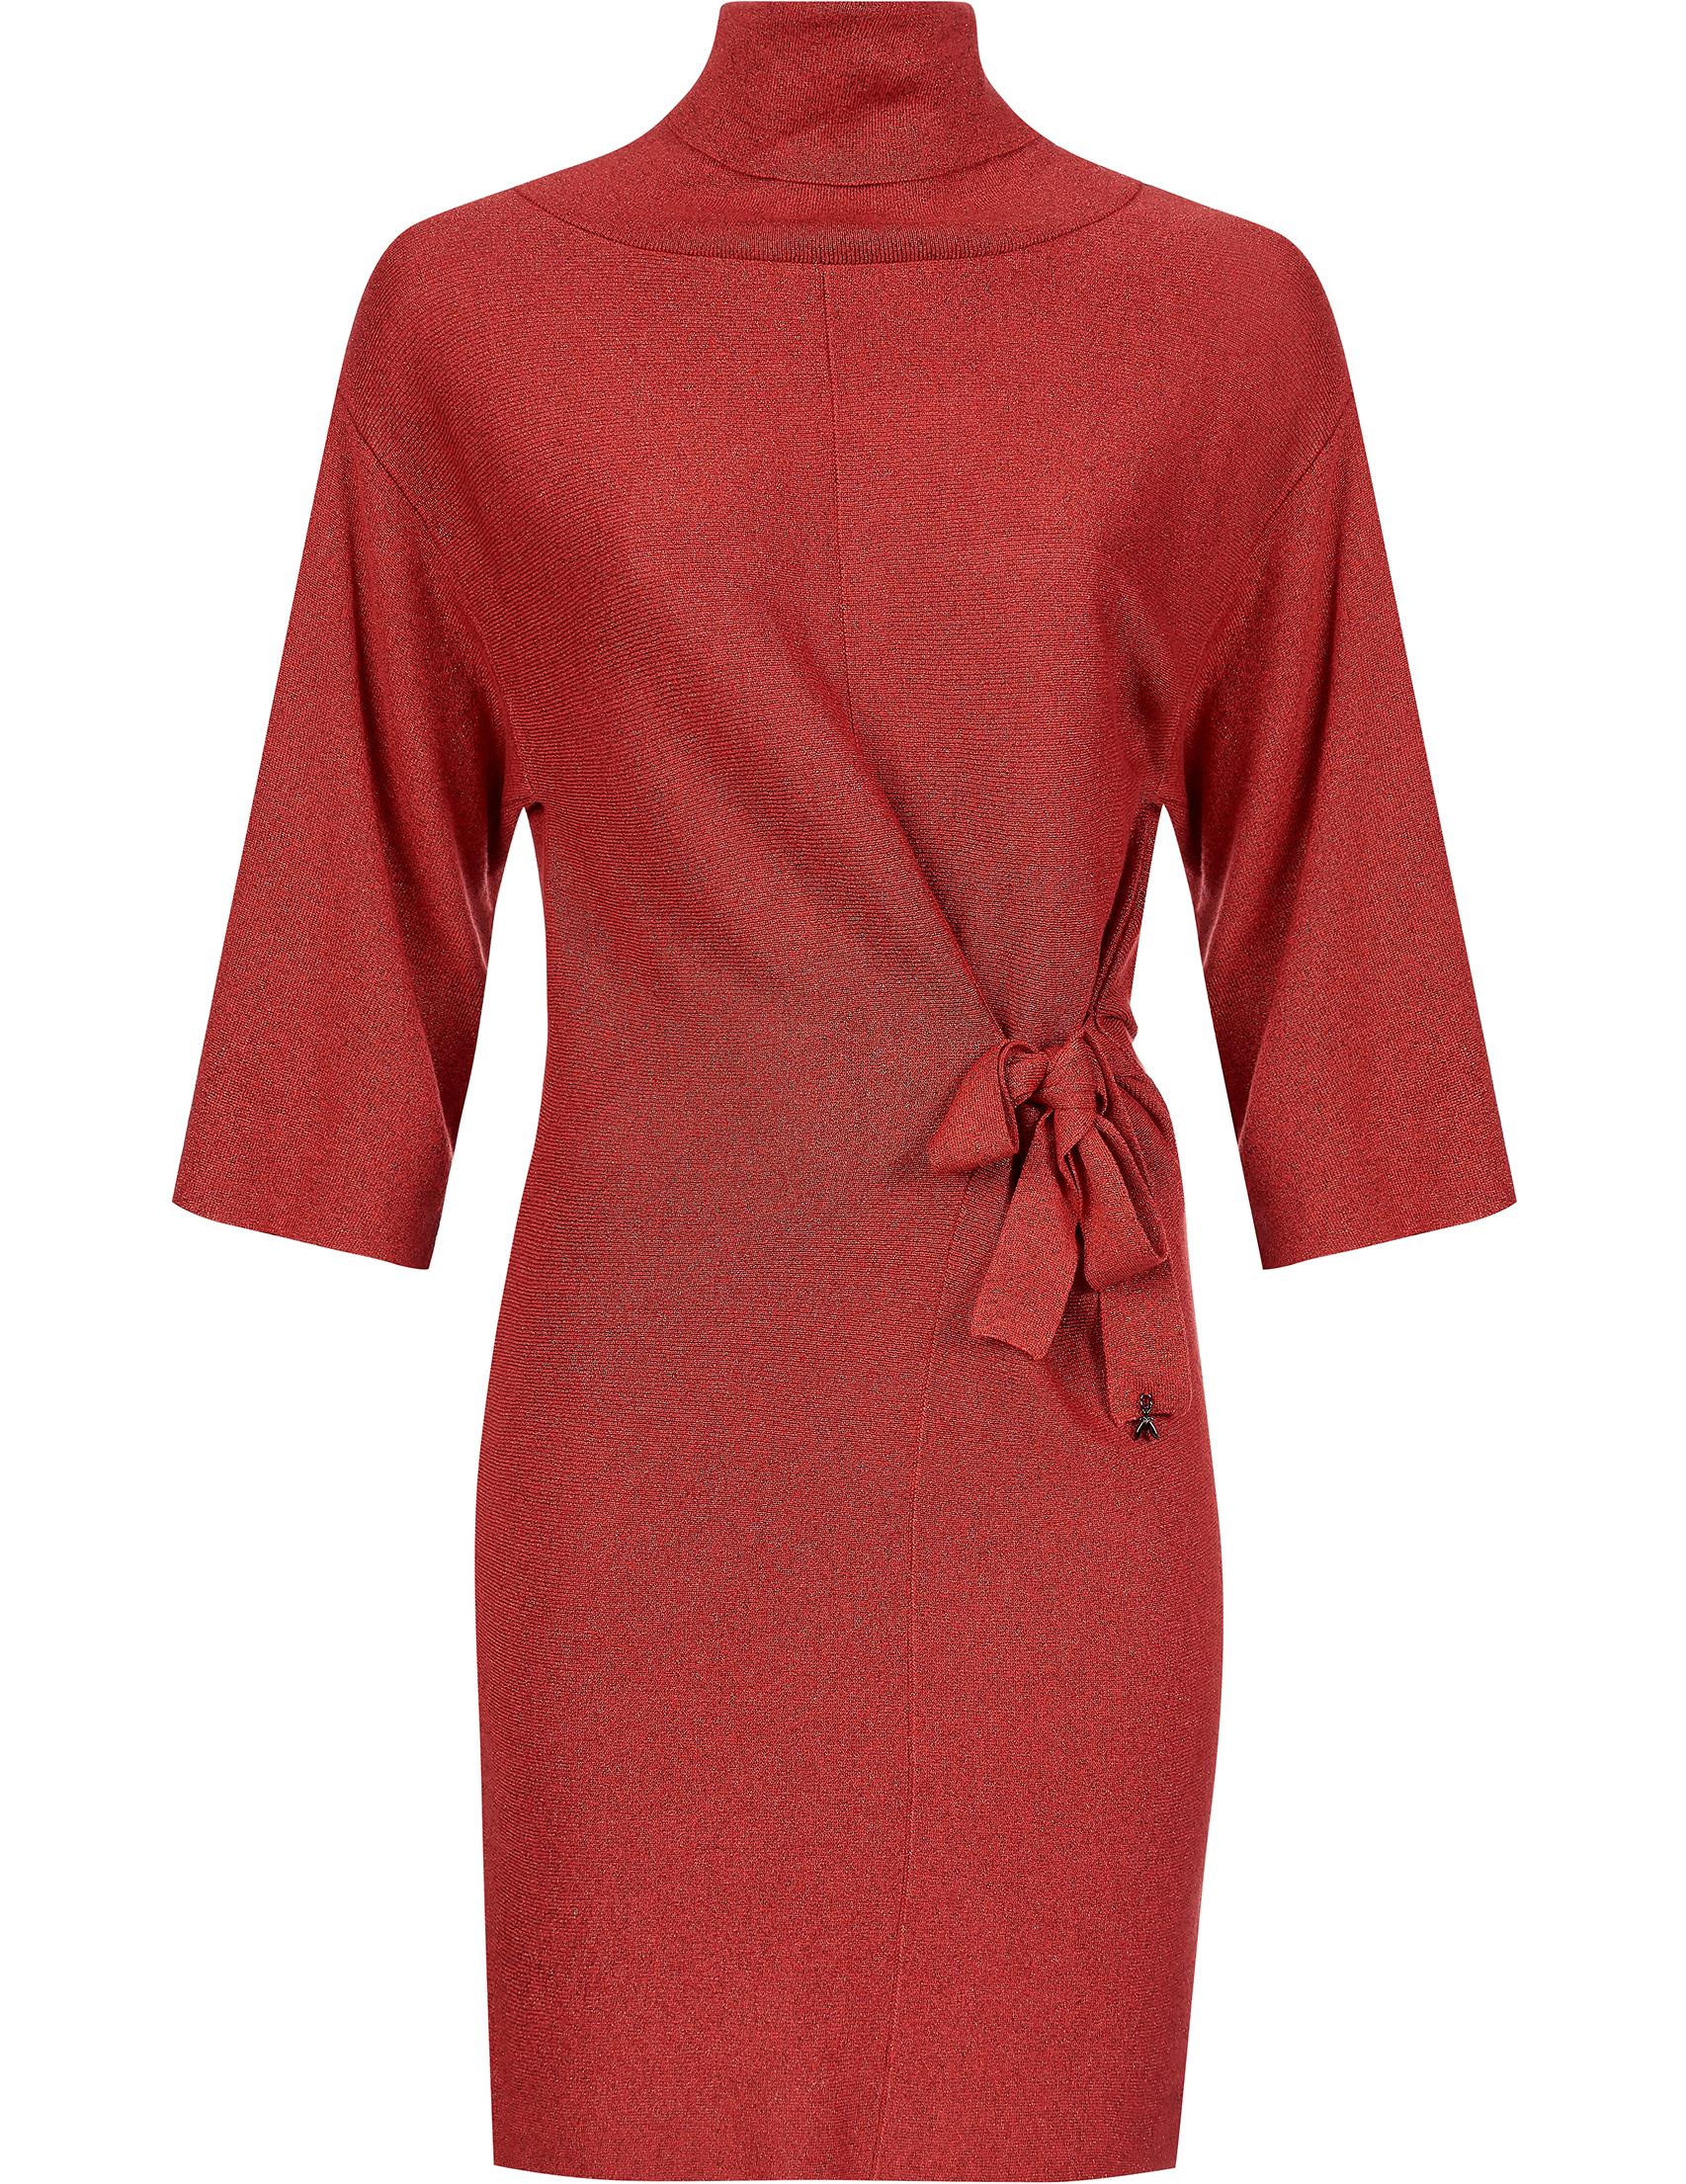 Купить Платья, Платье, PATRIZIA PEPE, Красный, 75%Вискоза 15%Полиамид 10%Полиэстер, Осень-Зима